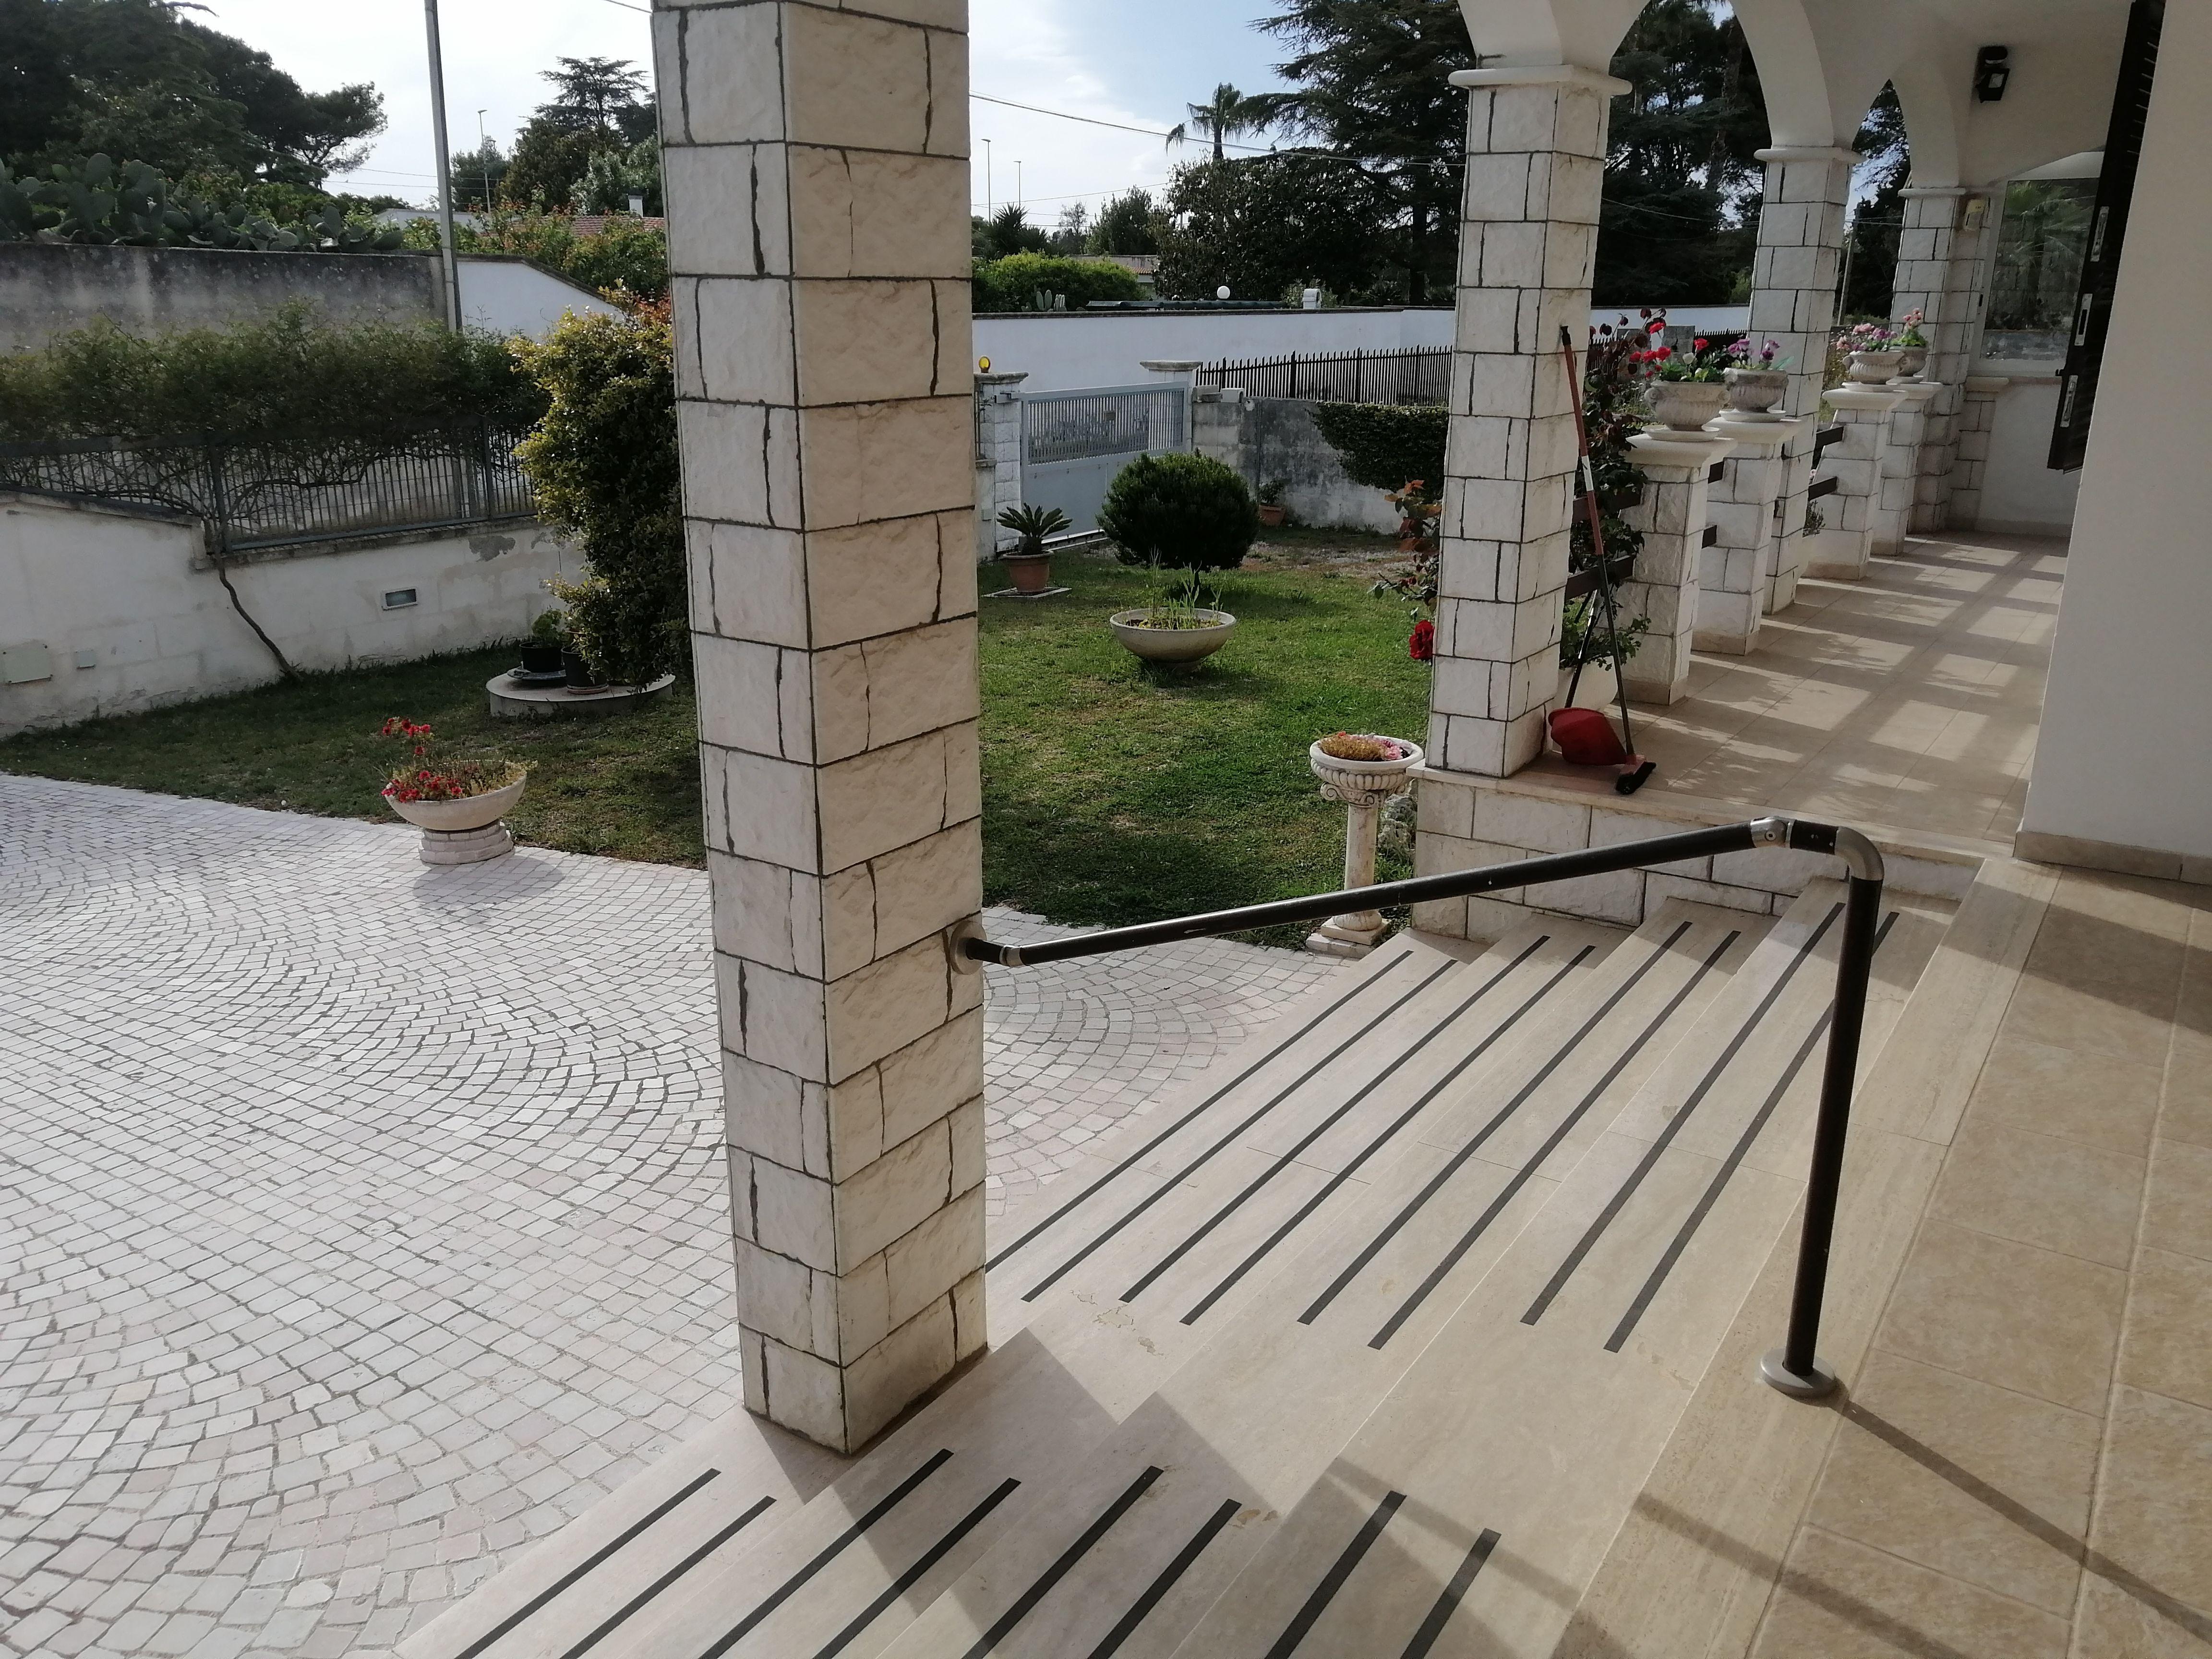 in vendita a Lecce villa di recente costruzione